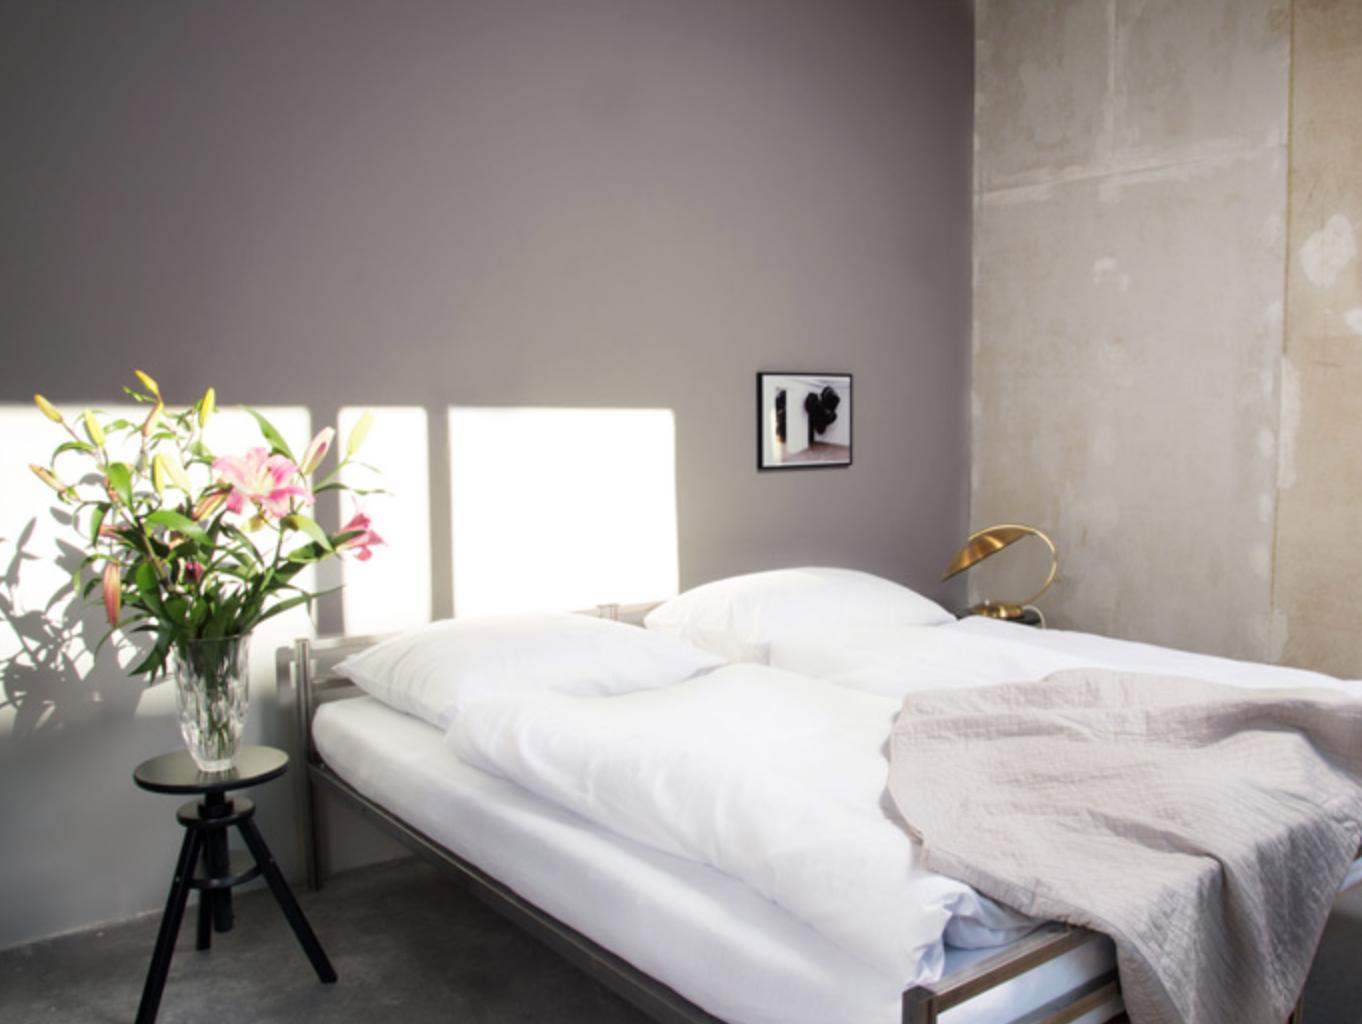 wallyard-hostel-berlin-2.png